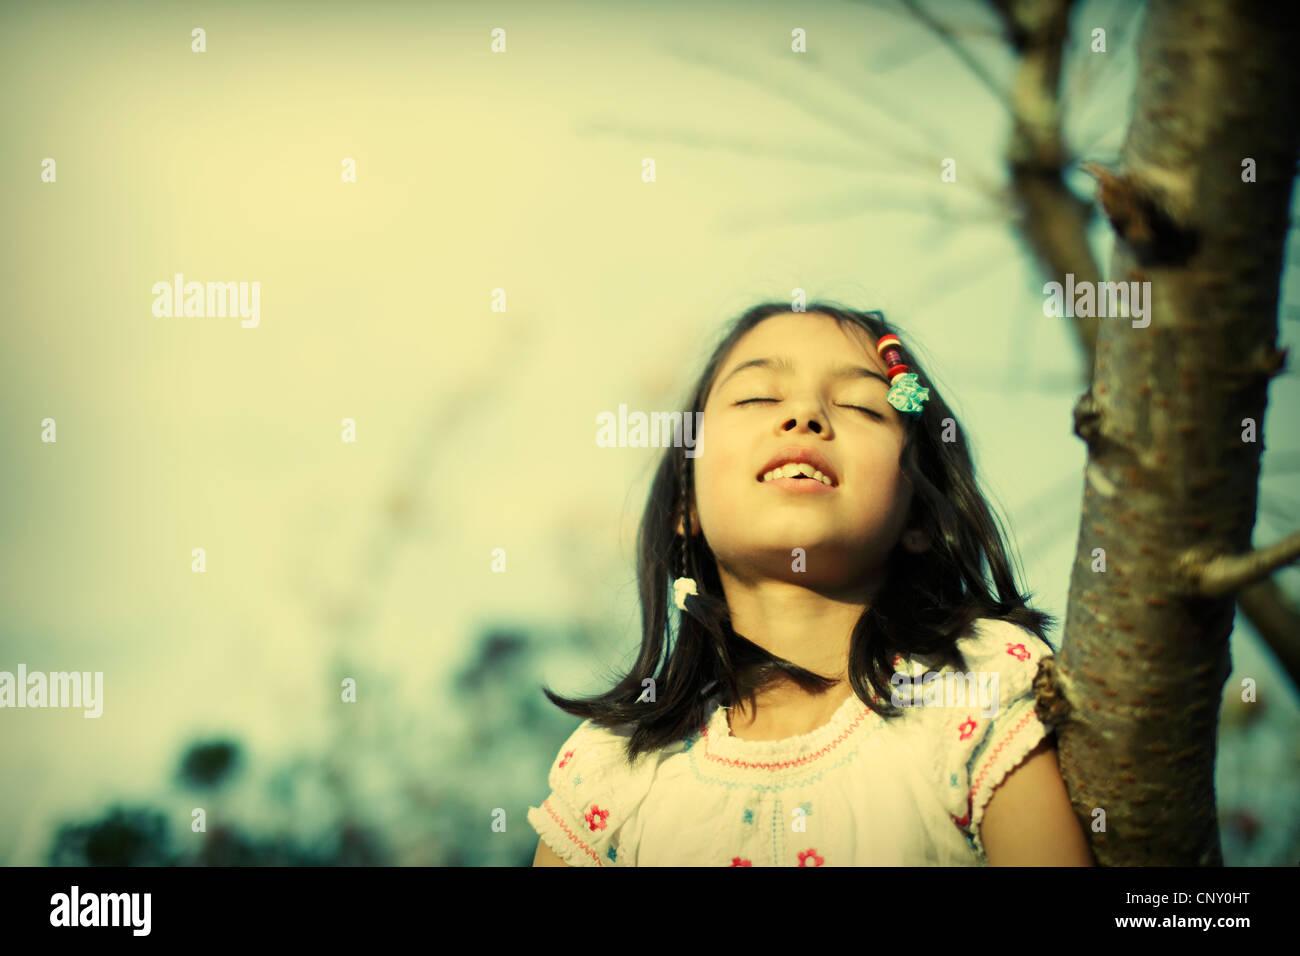 La ragazza si crogiola nel sole di sera Immagini Stock